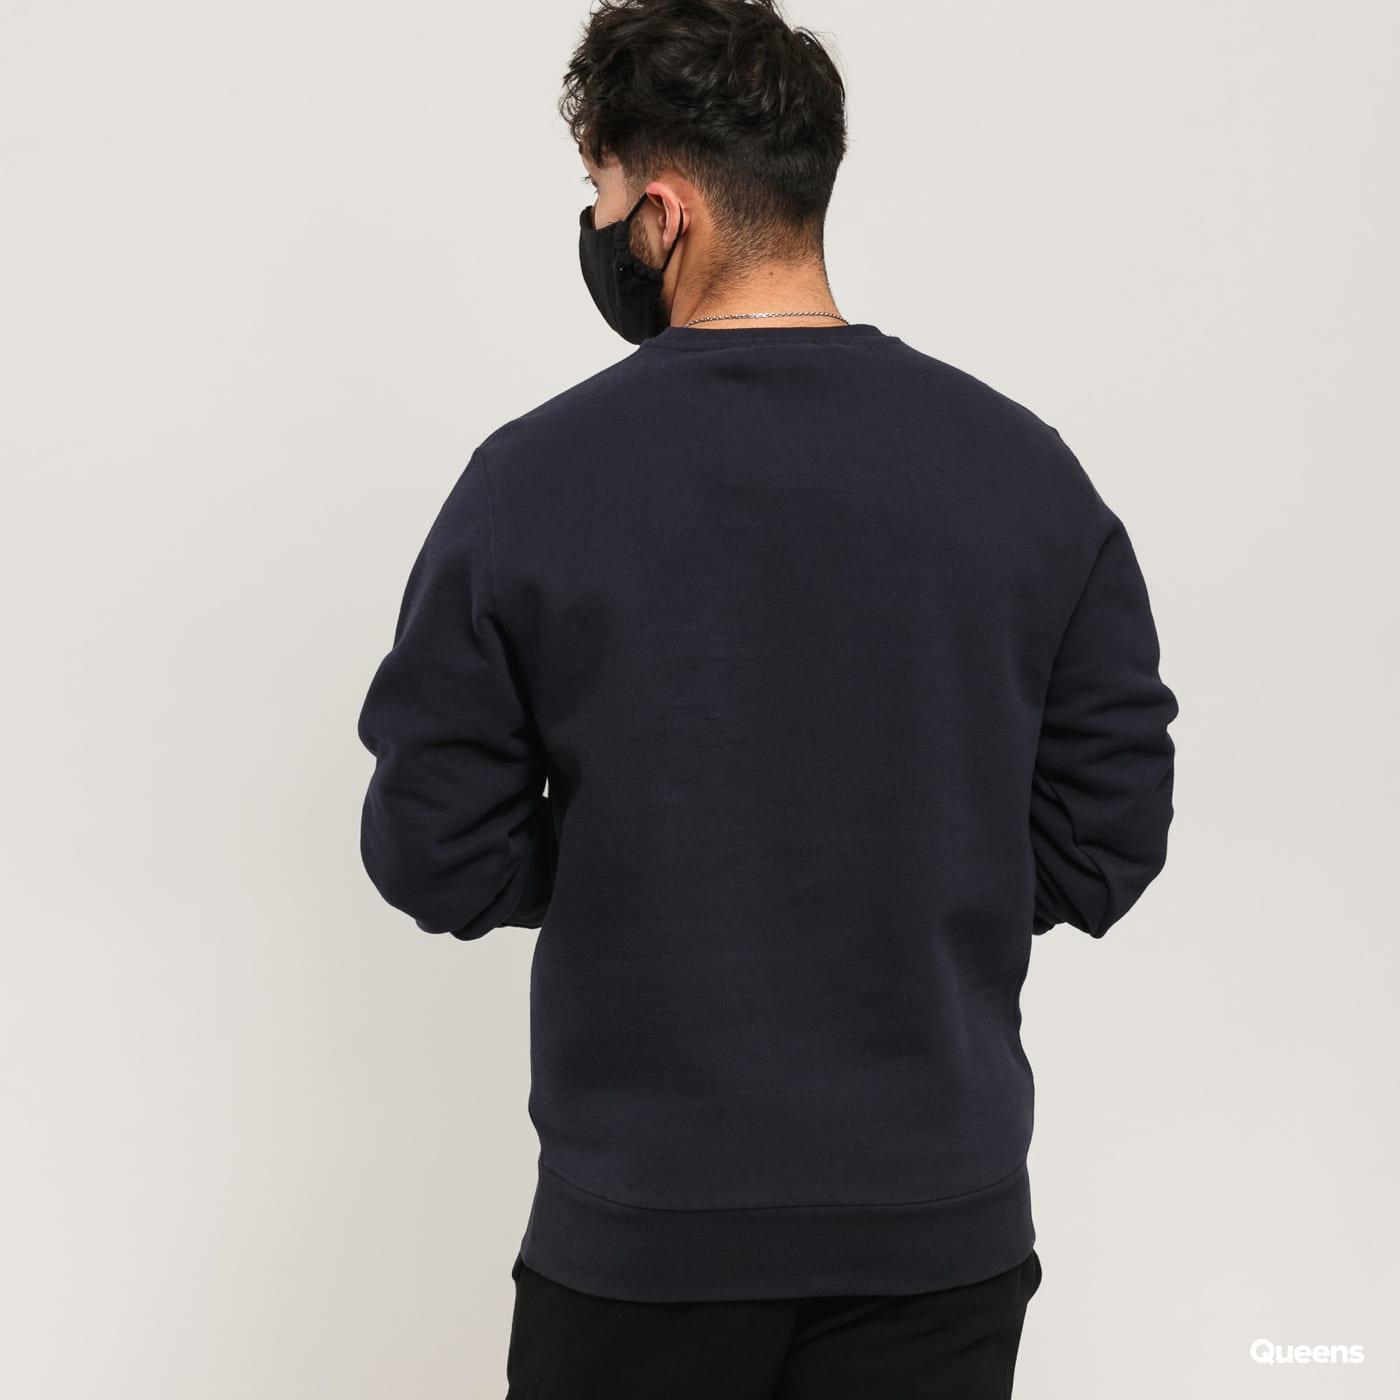 ellesse SL Succiso Sweatshirt navy